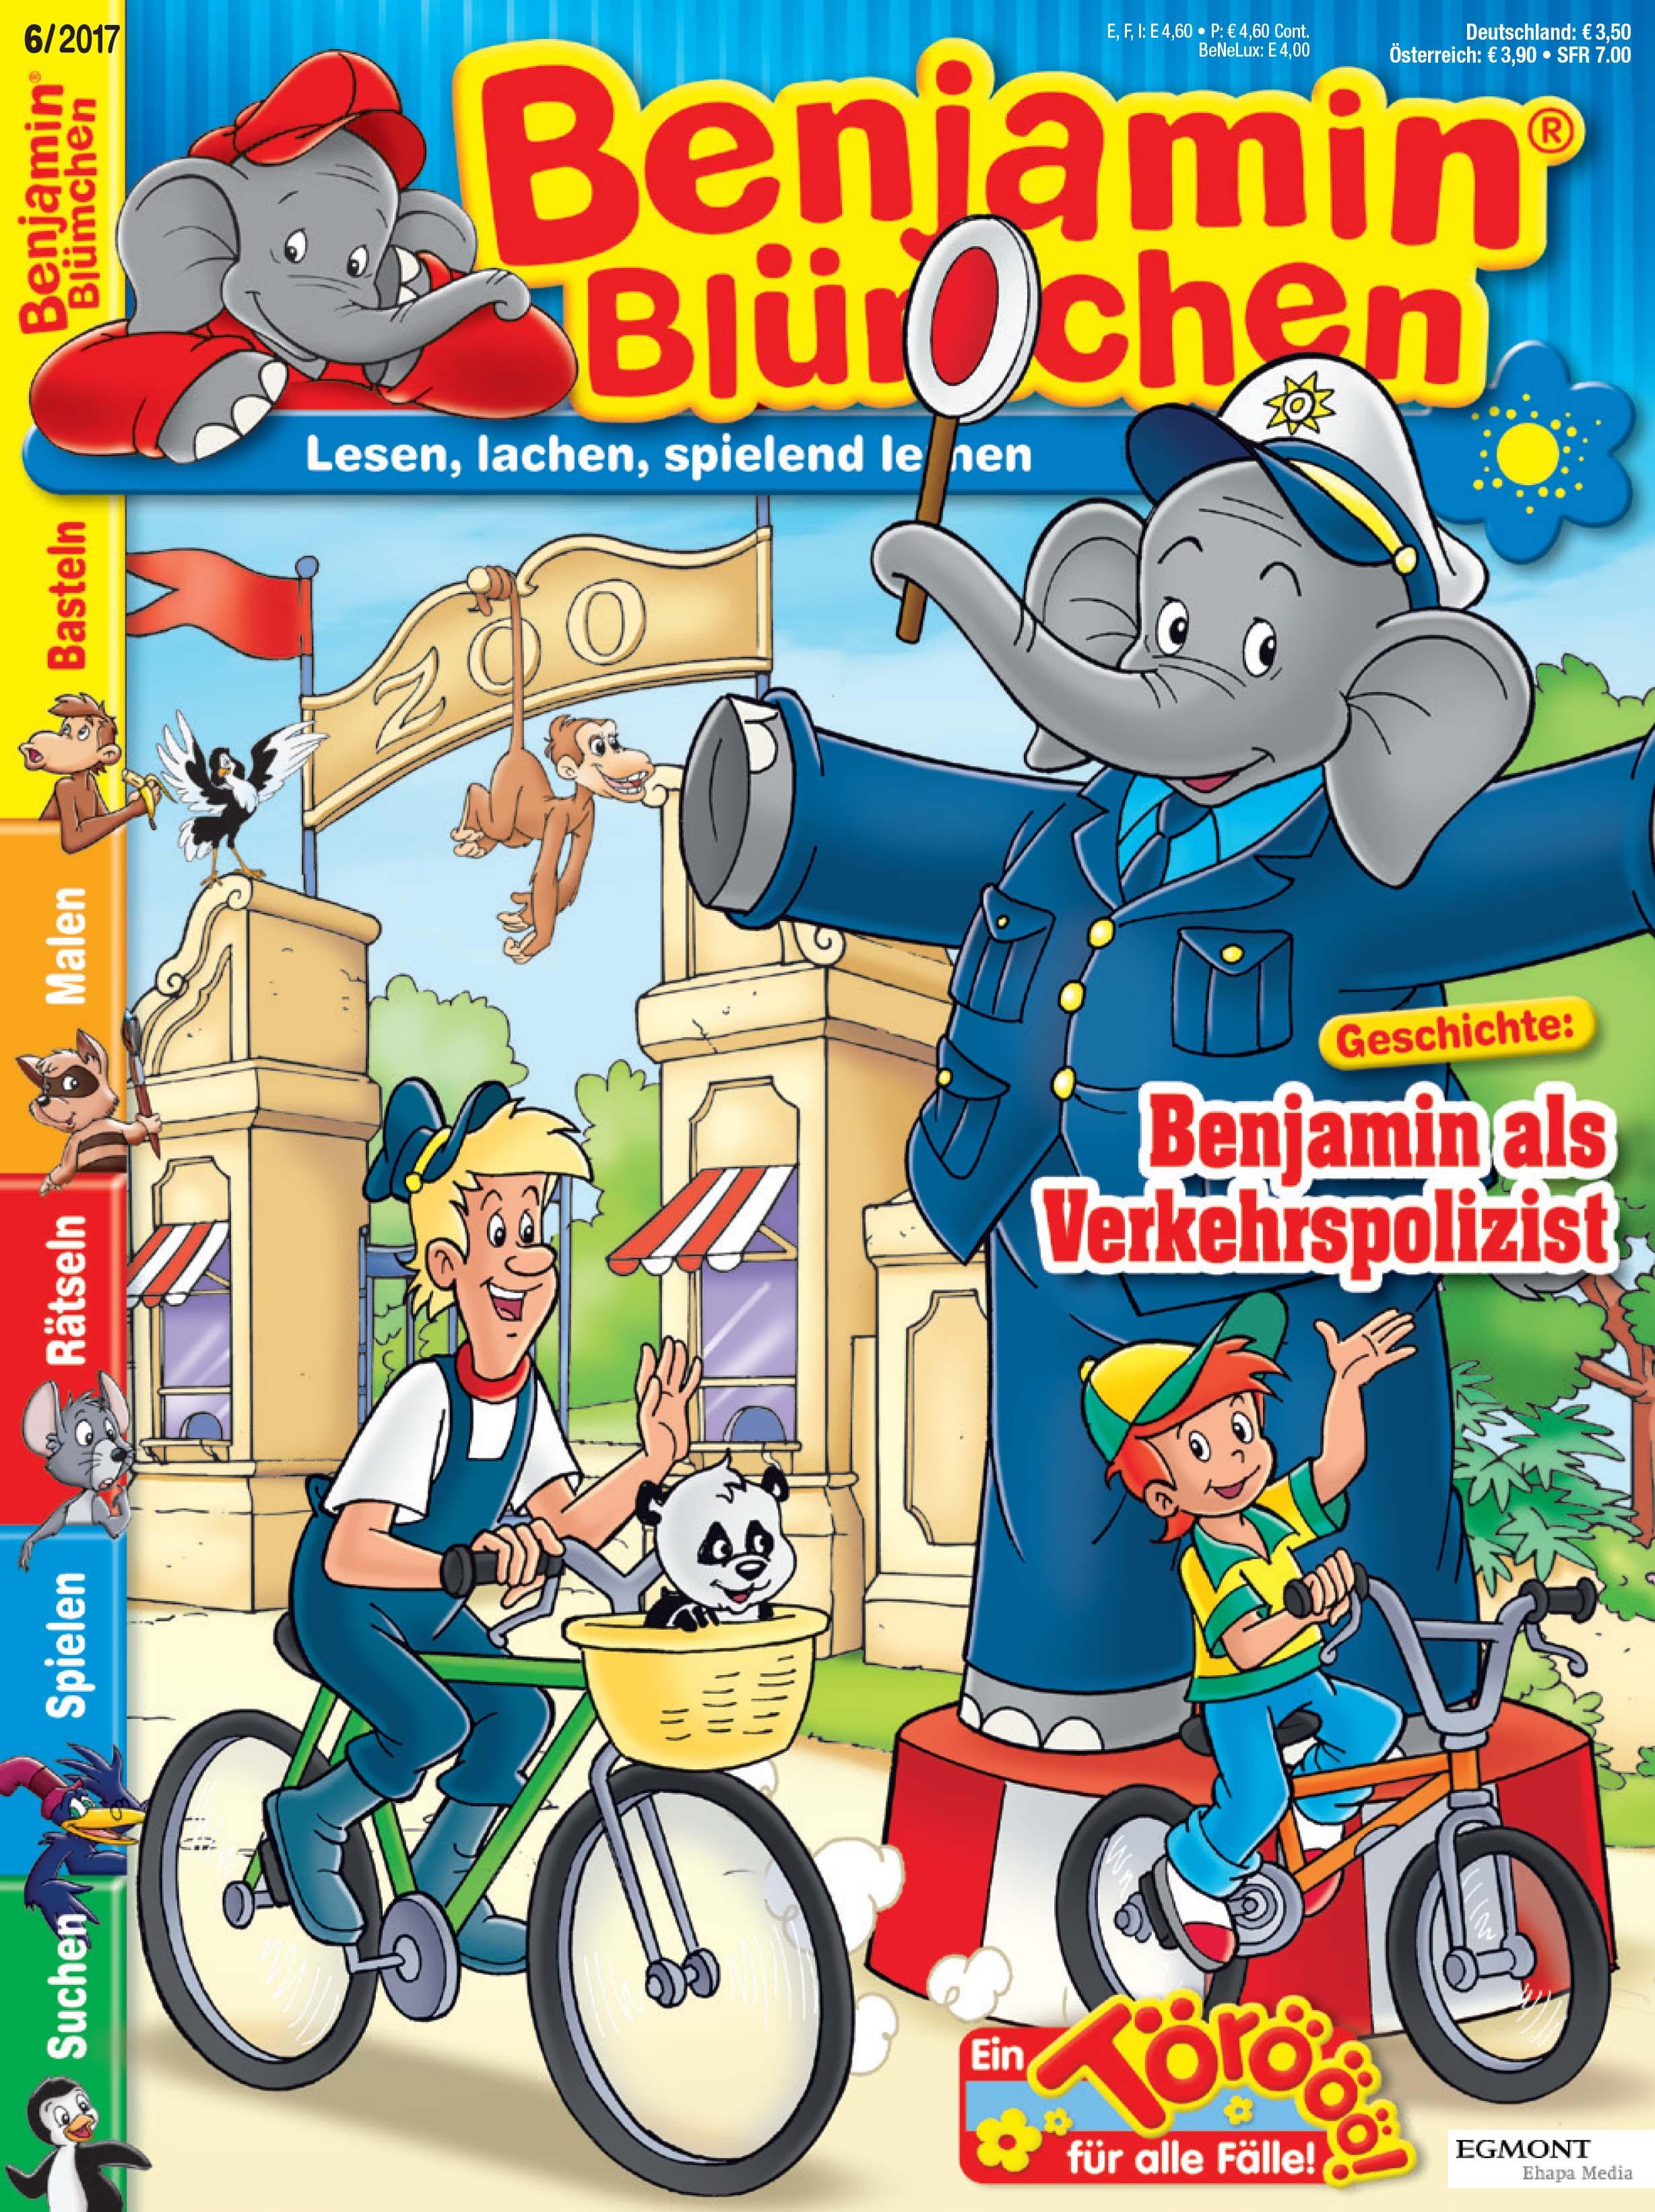 Egmont Ehapa Launcht Toy Story Magazin